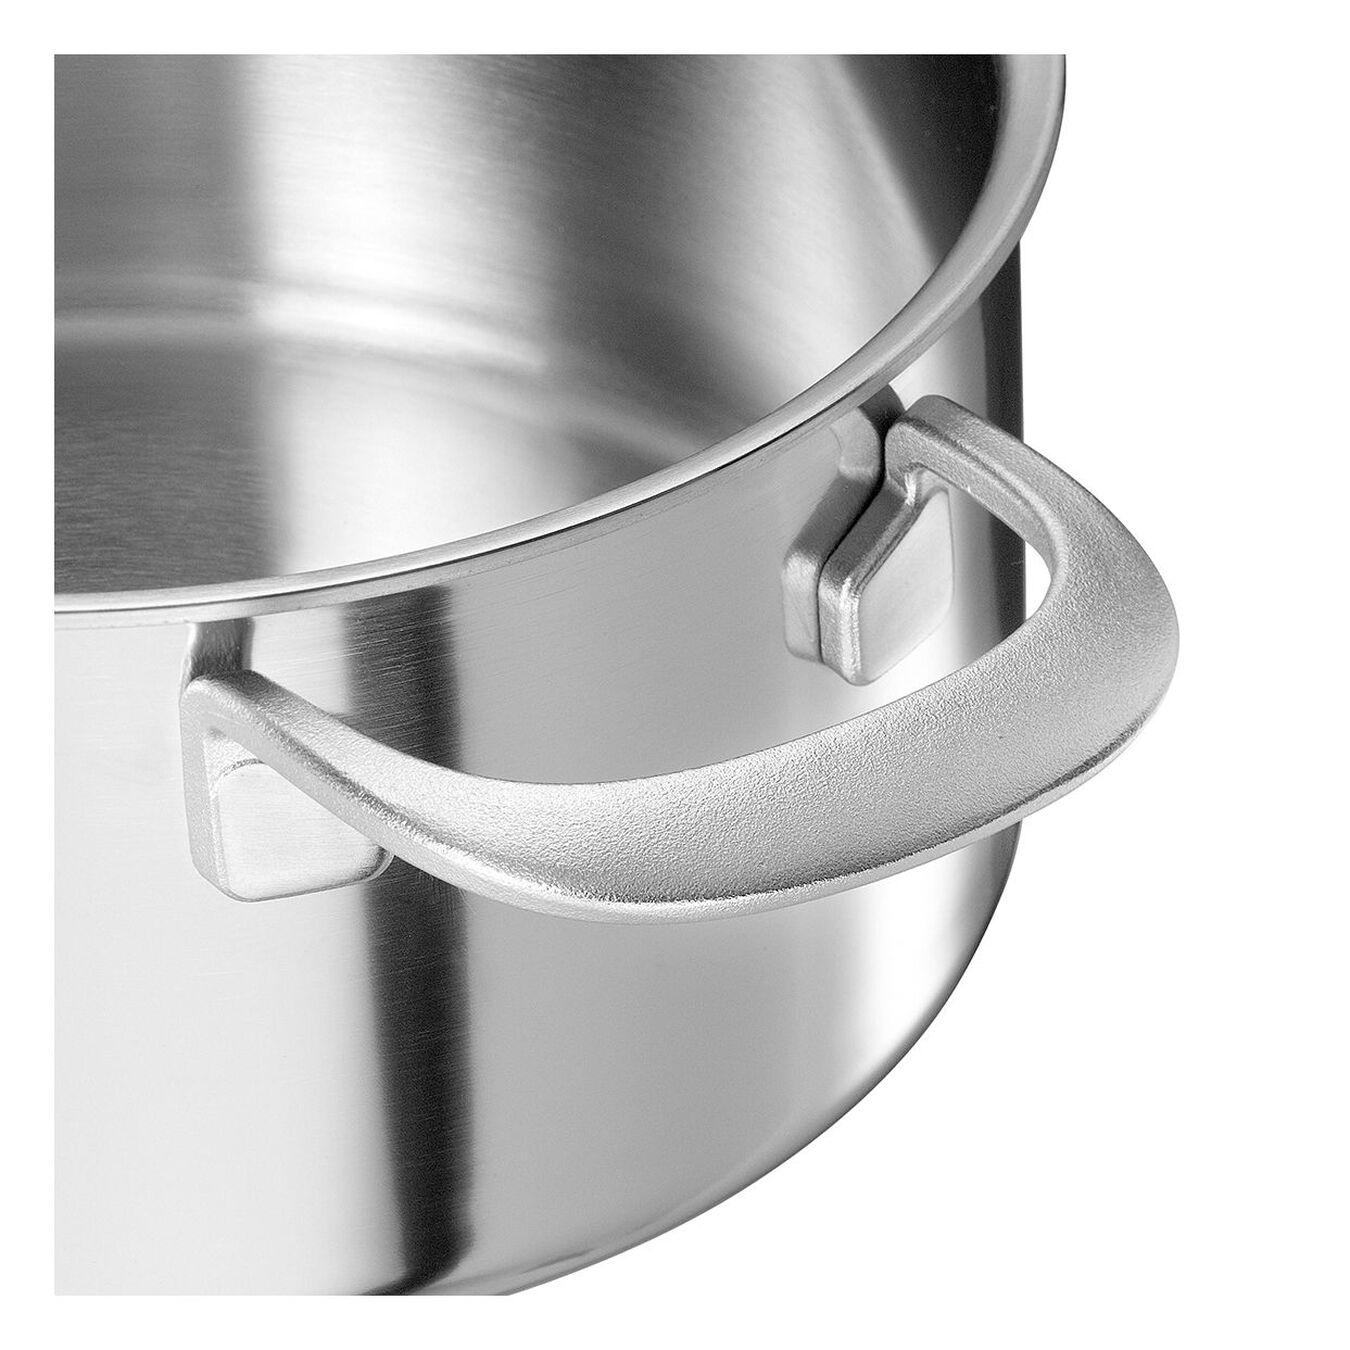 Casseruola - 16 cm, 18/10 acciaio inossidabile,,large 2